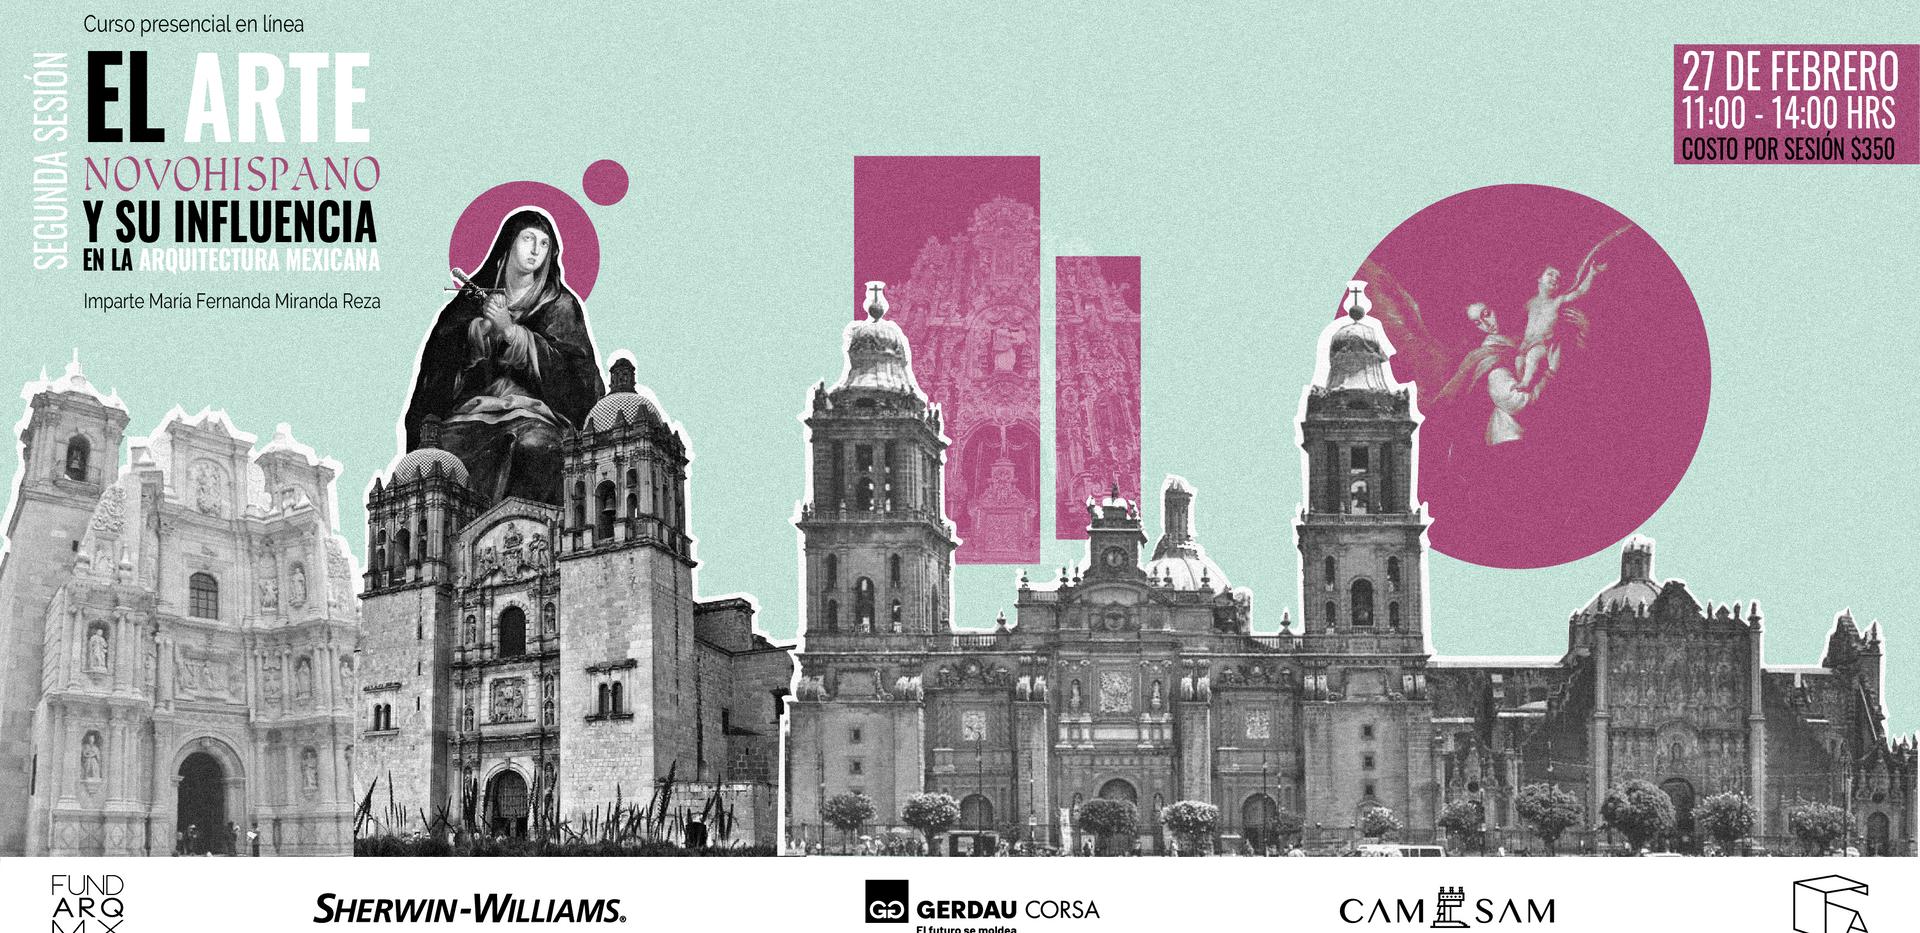 El Arte Novohispano y su influencia en la arquitectura mexicana